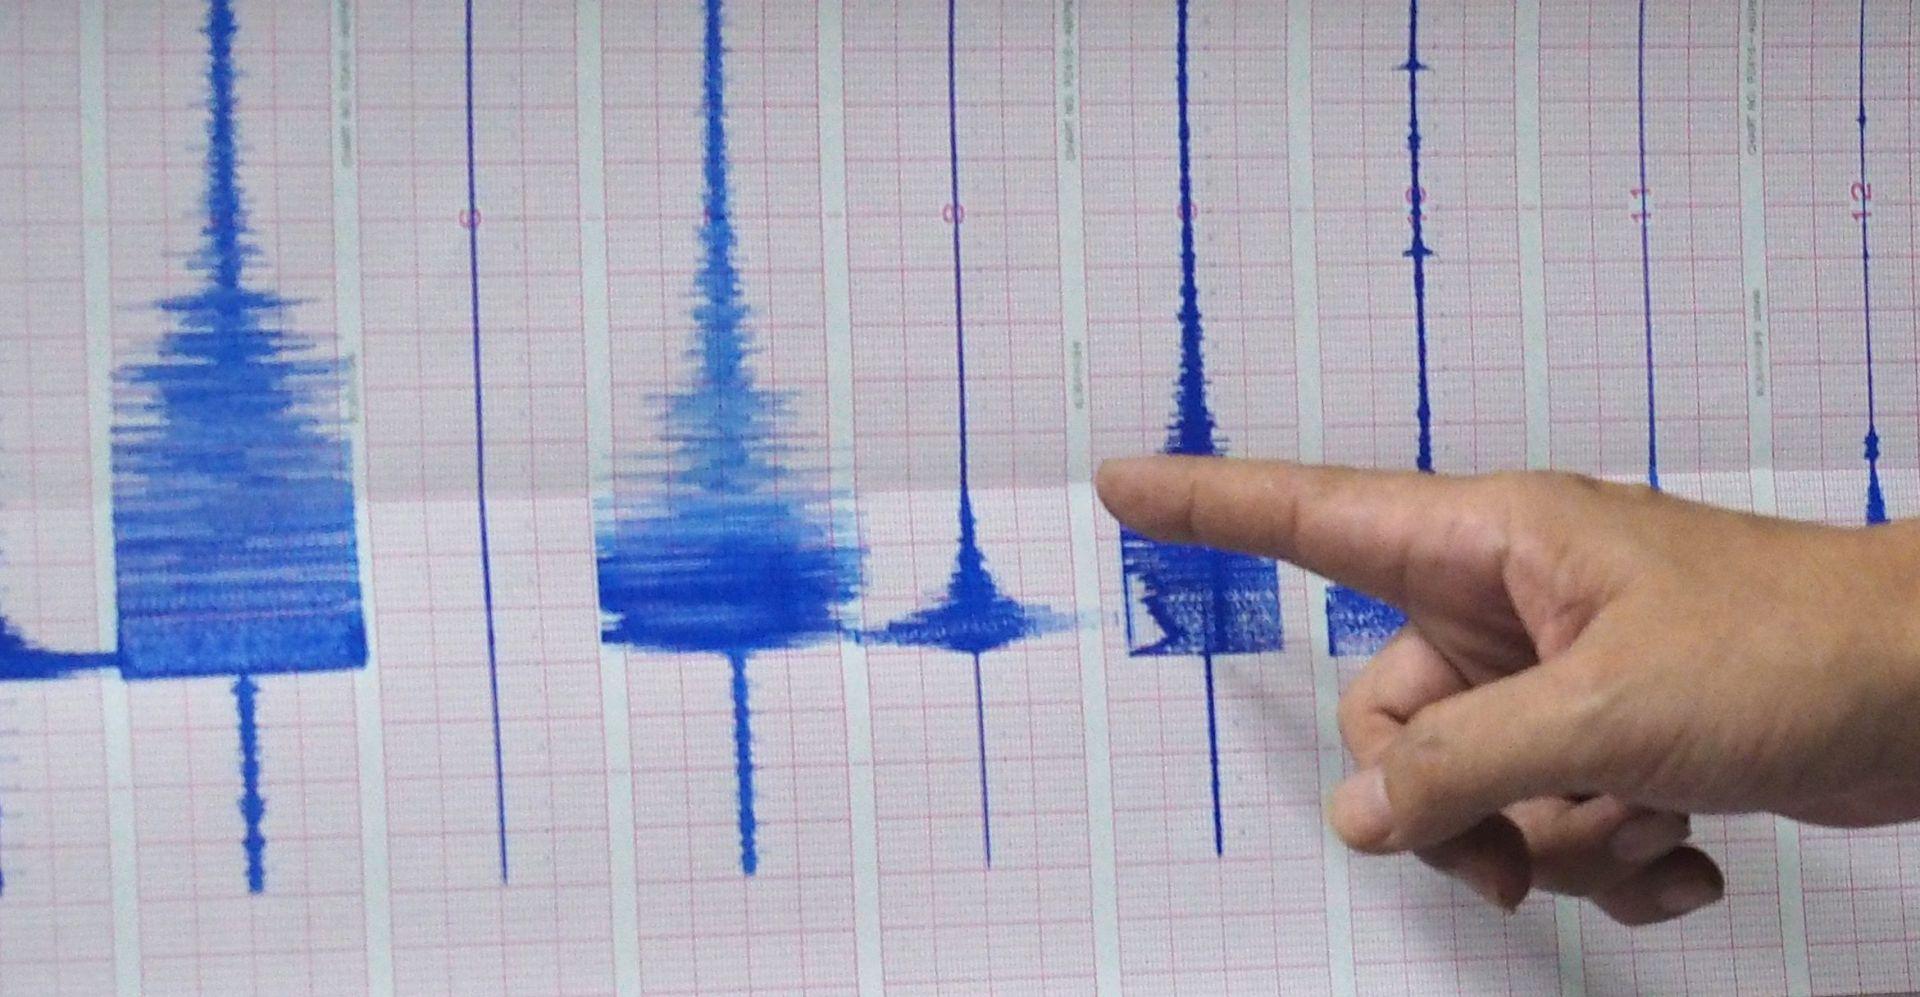 Na riječkom području umjeren potres od 3,4 prema Richteru